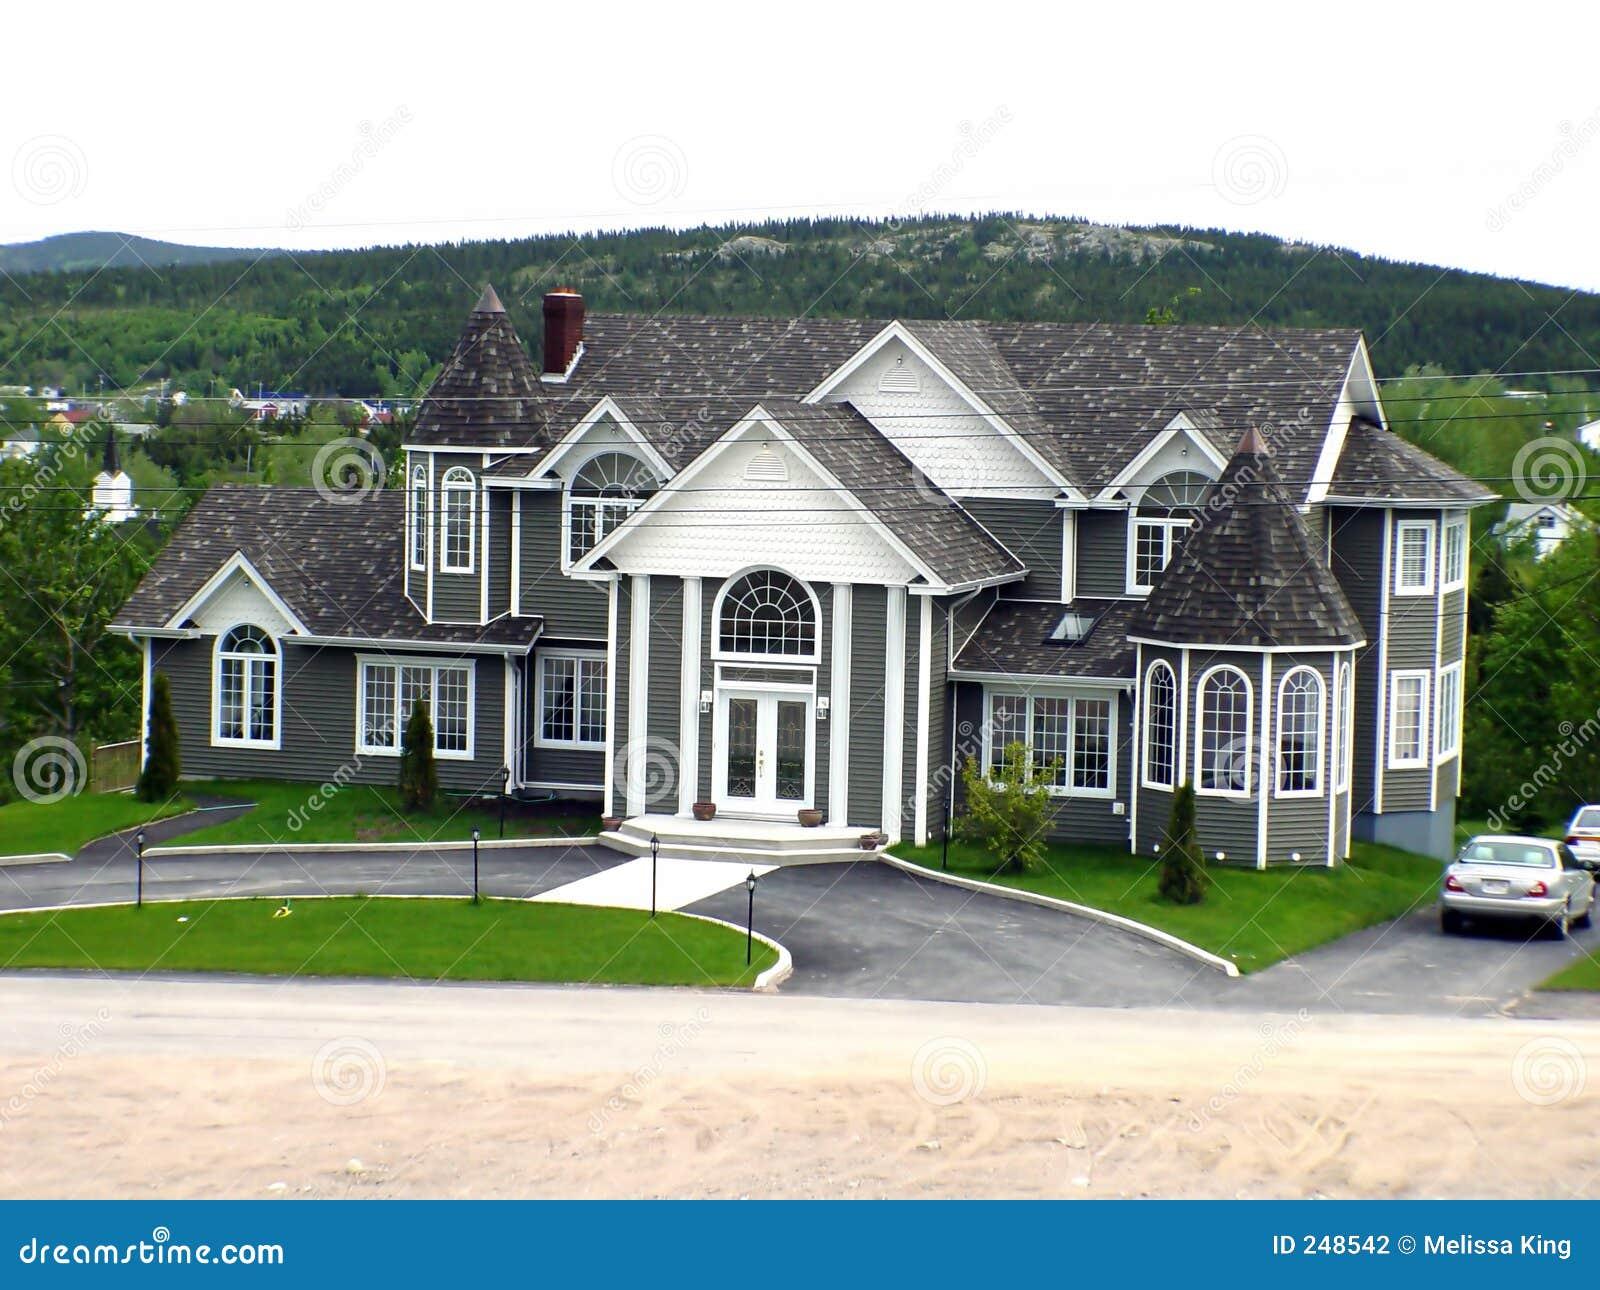 Groot huis stock foto afbeelding bestaande uit buitenkant 248542 - Huis buitenkant ...